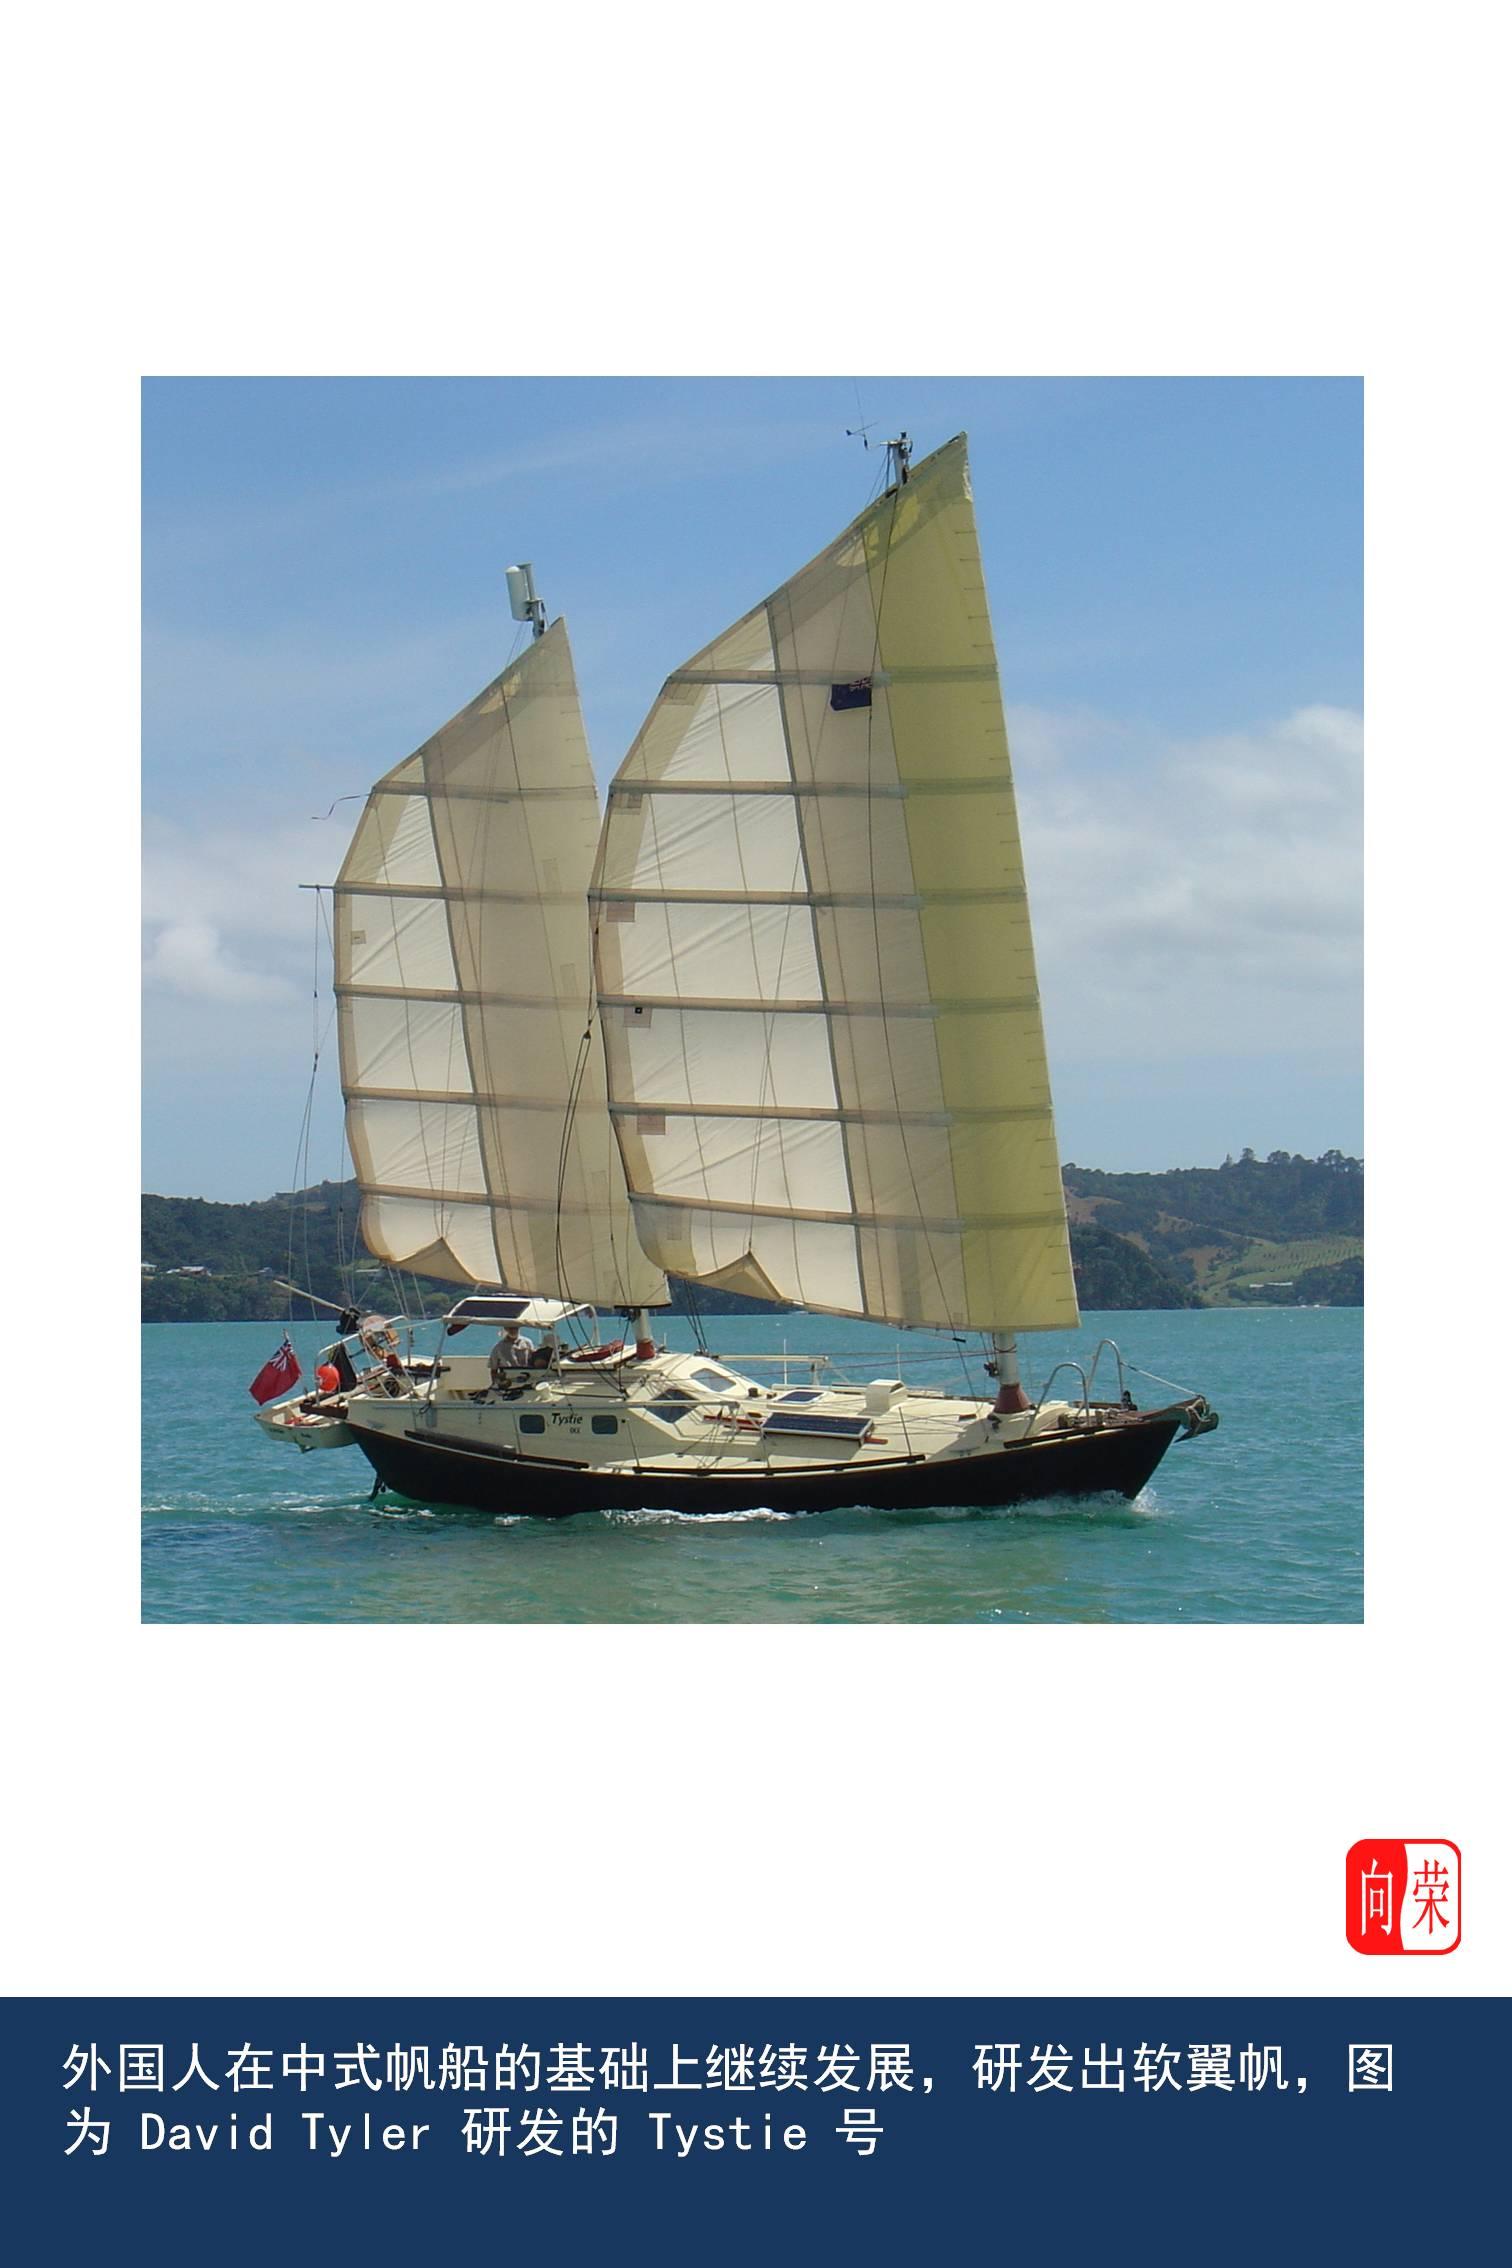 中华文化,旅行社,香港大学,南海诸岛,帆船运动 《中式帆船古为今用》展览,让老邝带你看中式帆船! Slide14.JPG